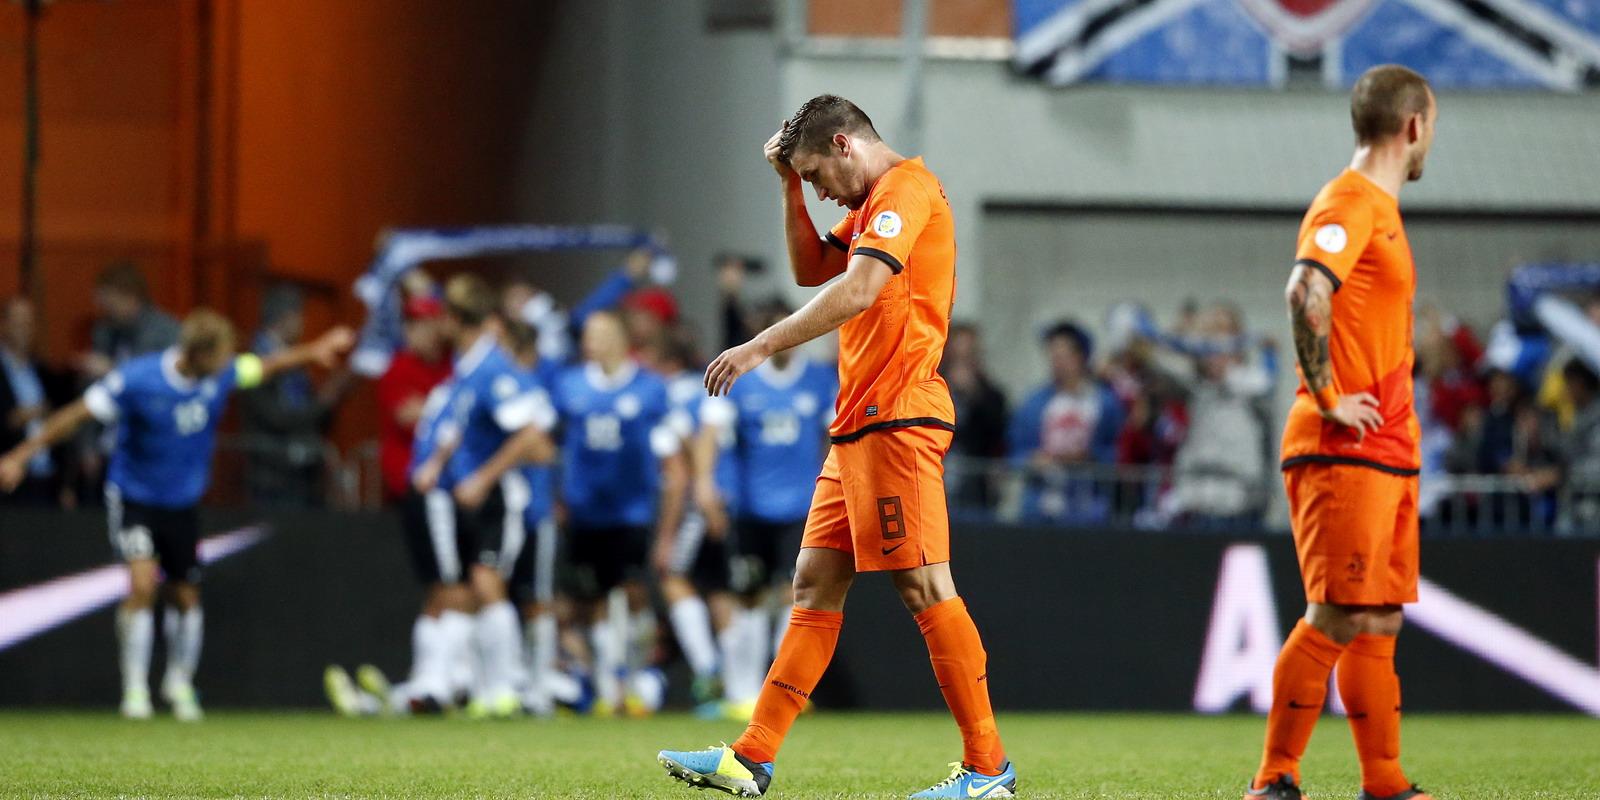 Dit Oranje op WK niet verder dan tweede ronde